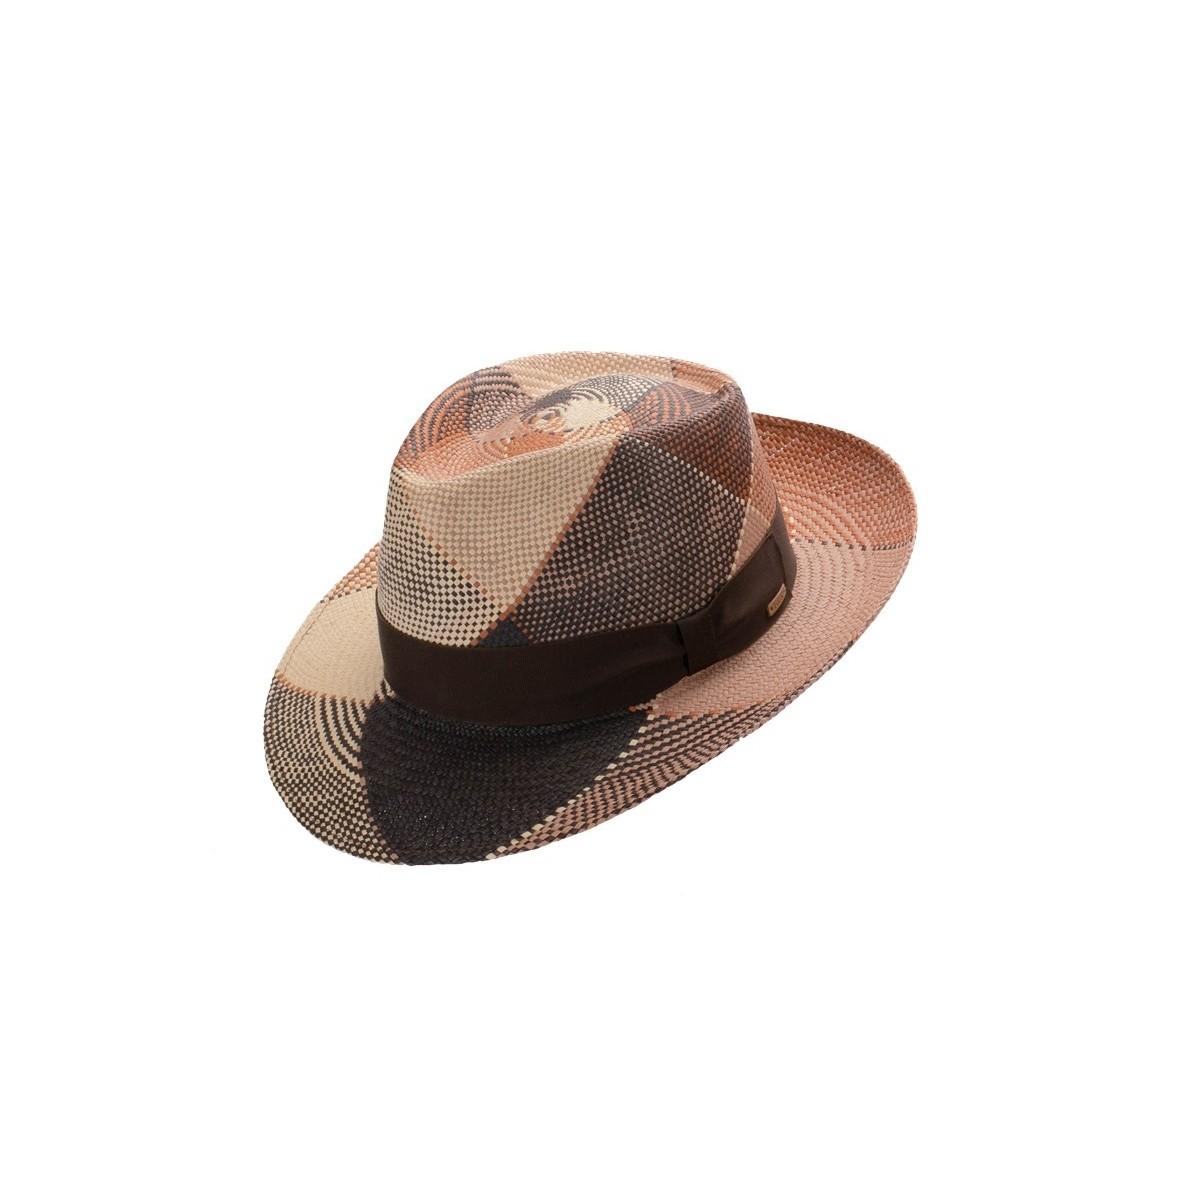 Bruno sombrero de hombre panamá trenzado en varios colores efecto geométrico. Fernández y ROCHE